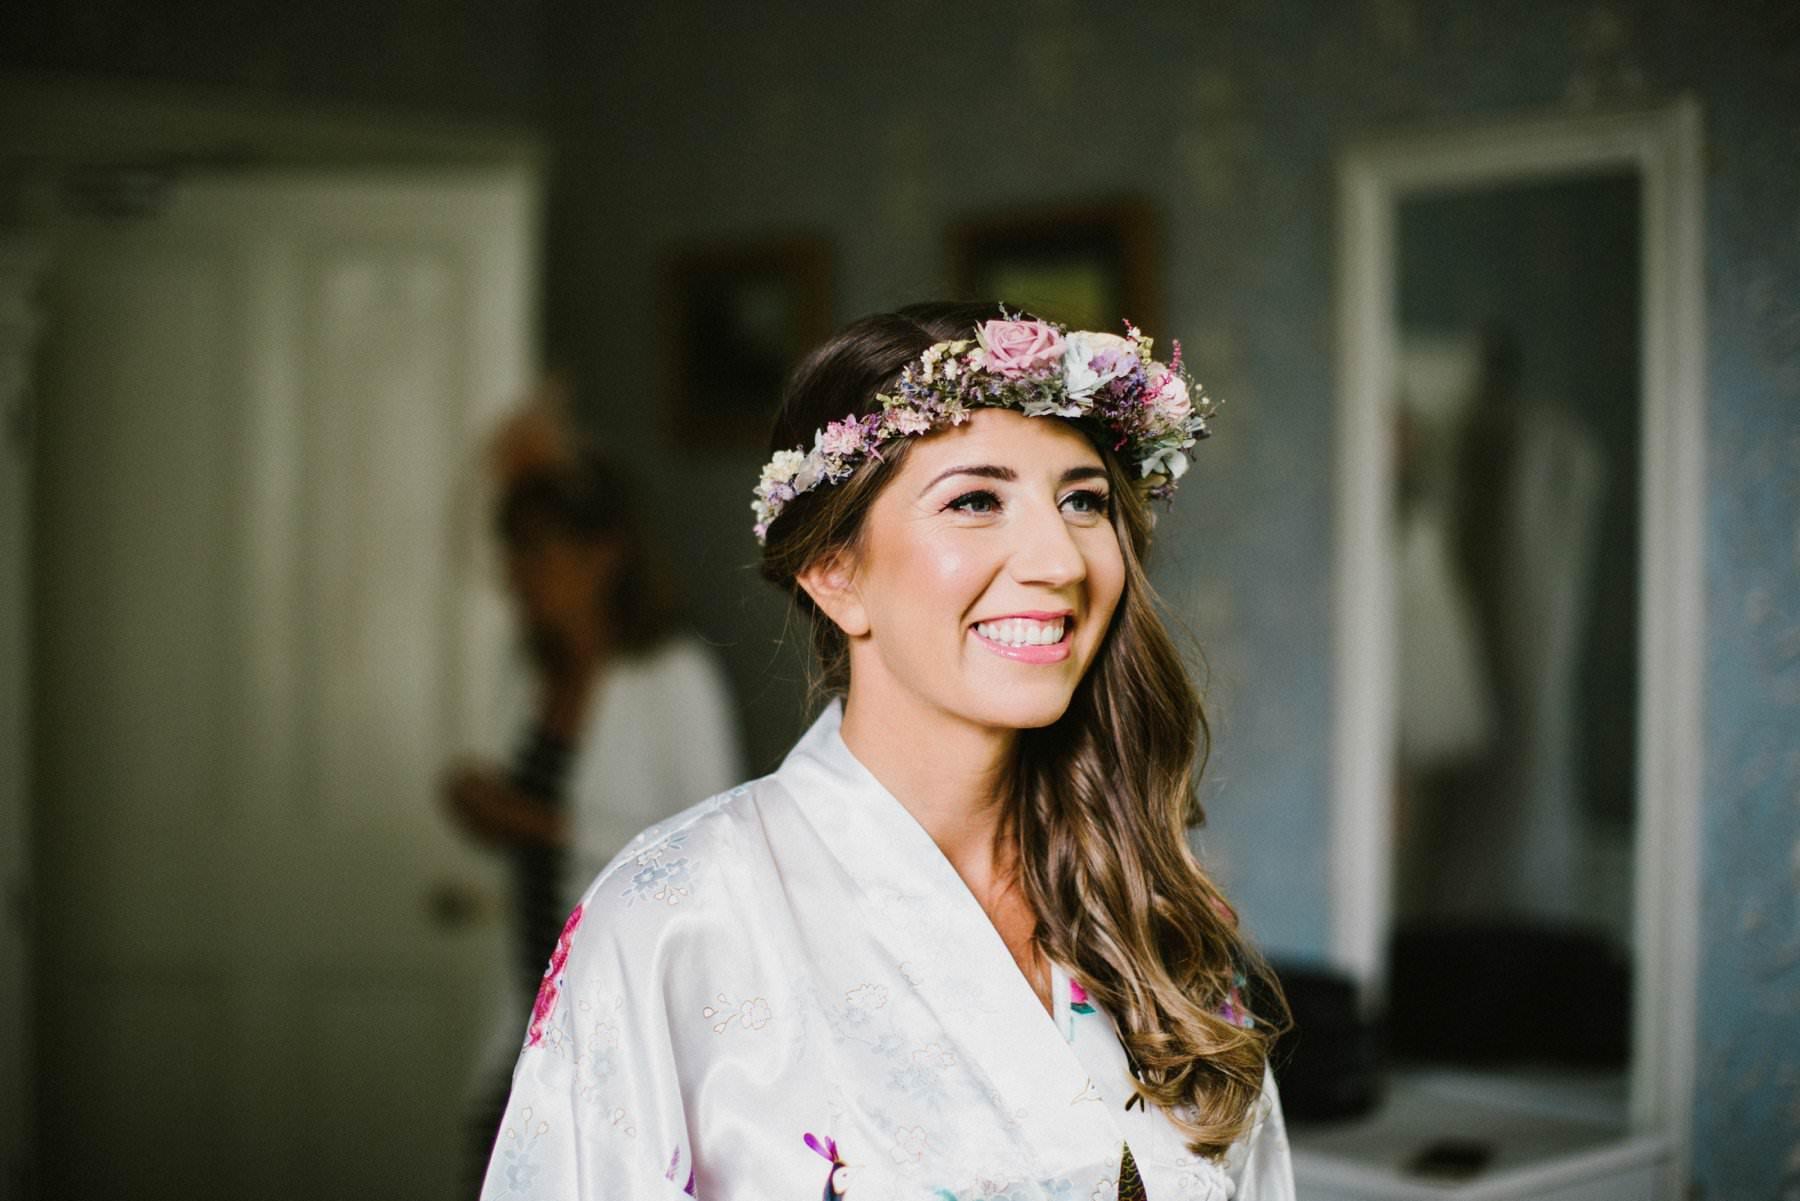 irish bride with flower crown